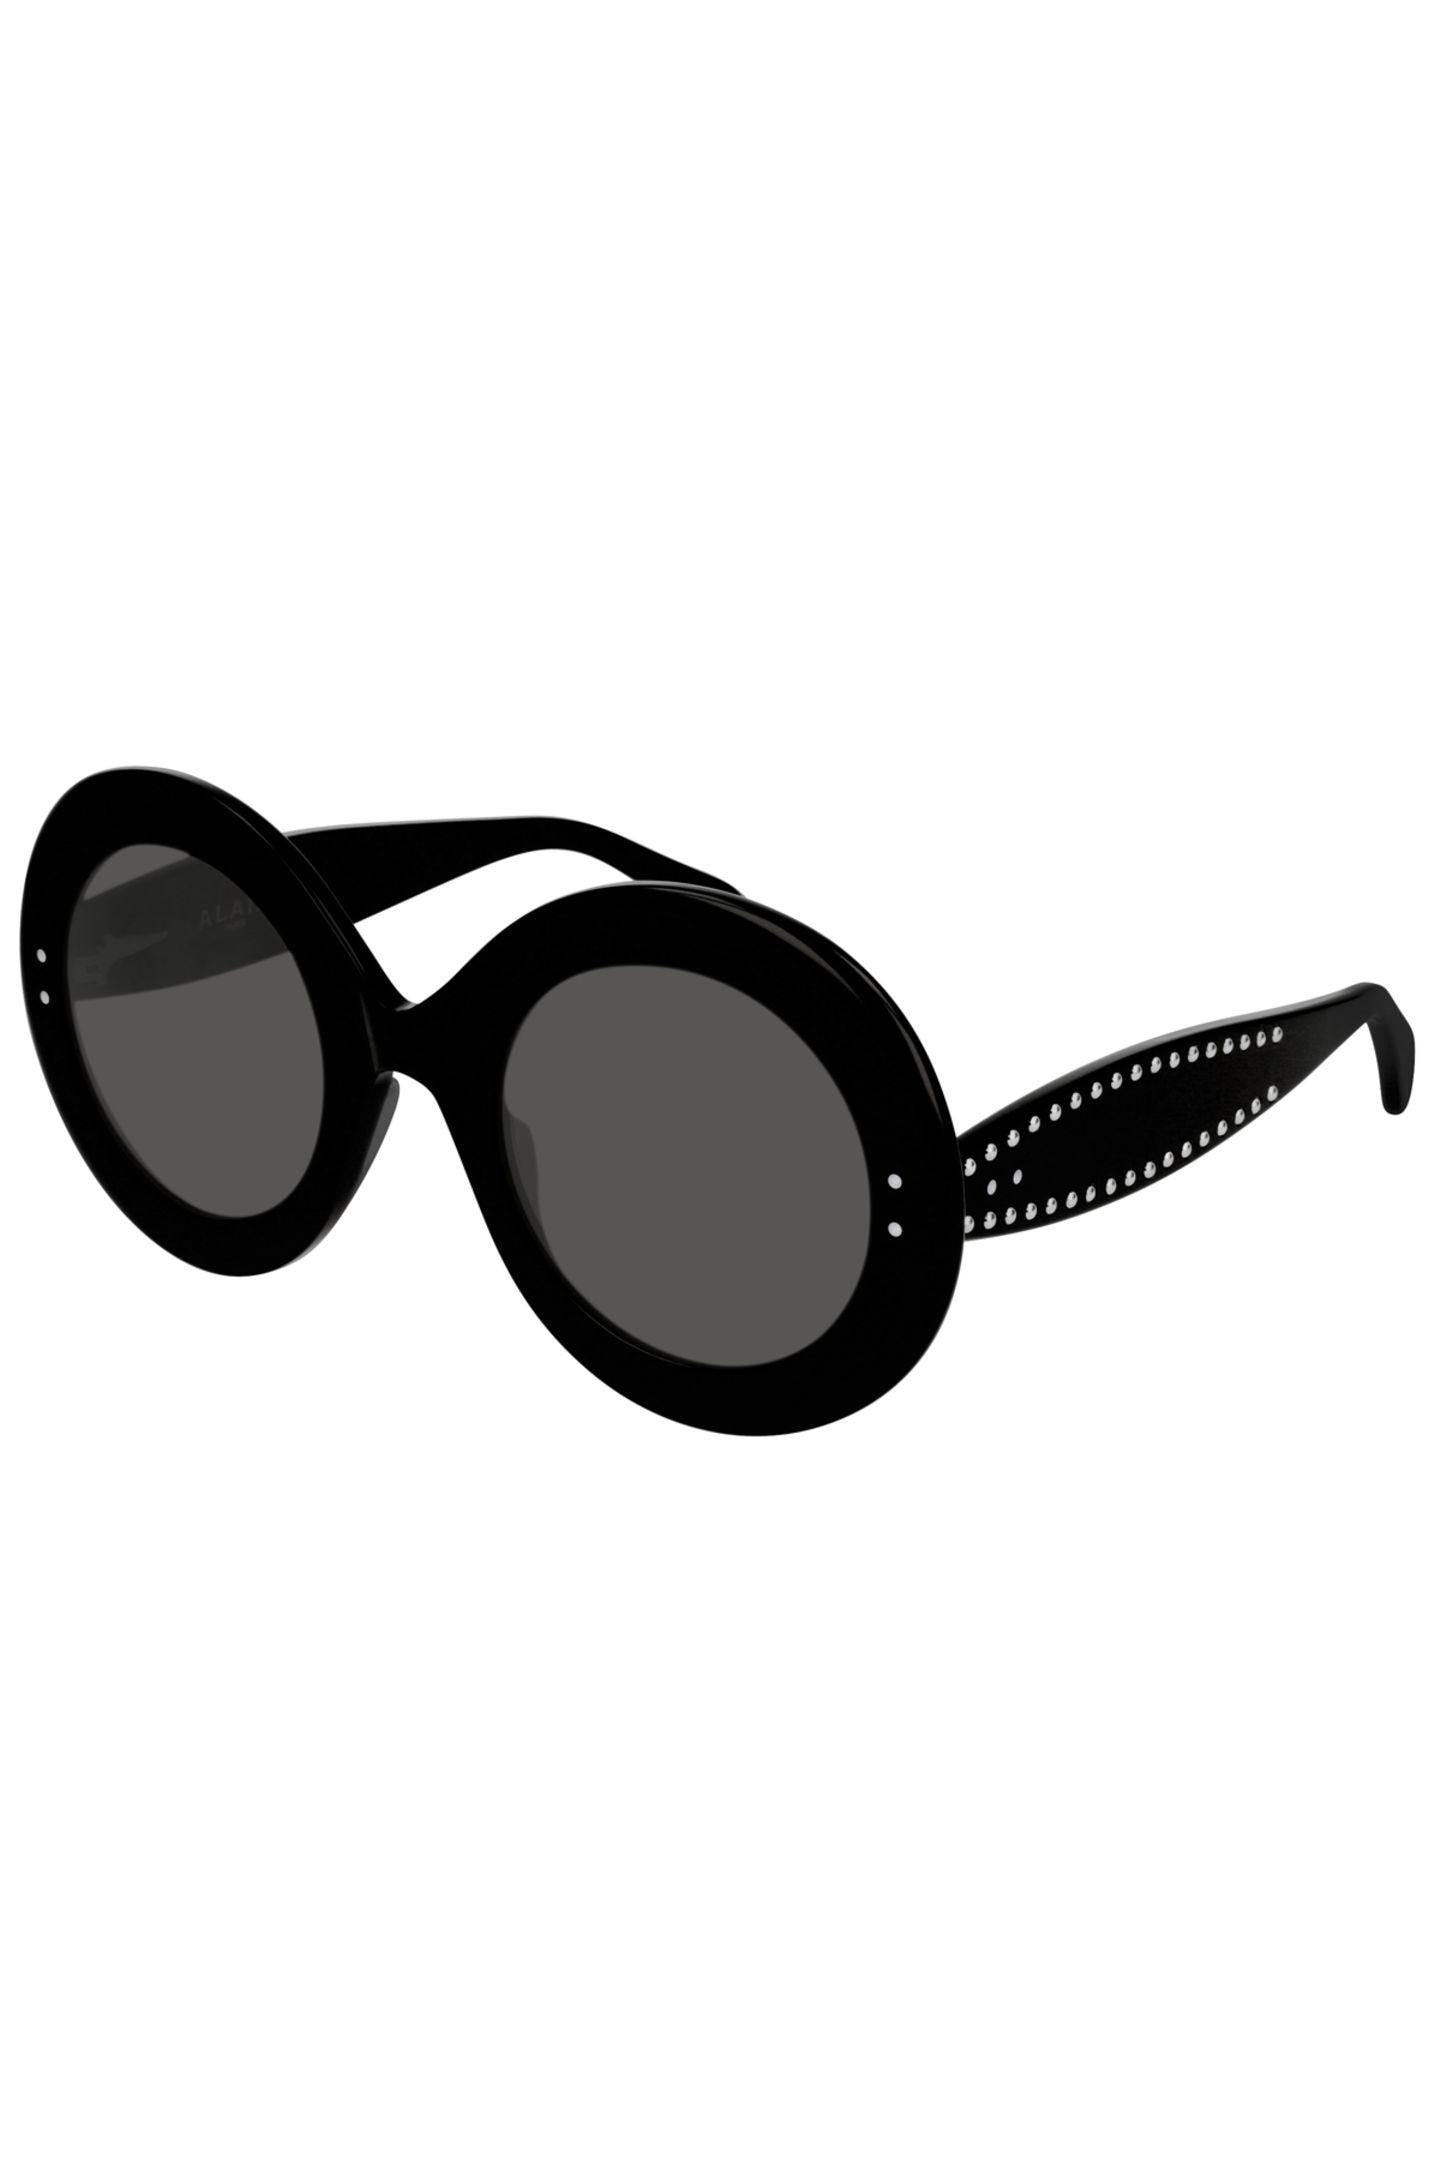 Haben Sie einen Sommerurlaub oder einen sonnigen Städtetrip mit ihrer Mutter geplant? Dann wäre diese stylische Sonnenbrille doch das perfekte, ergänzende Geschenk. Von Alaïa, ca. 450 Euro.